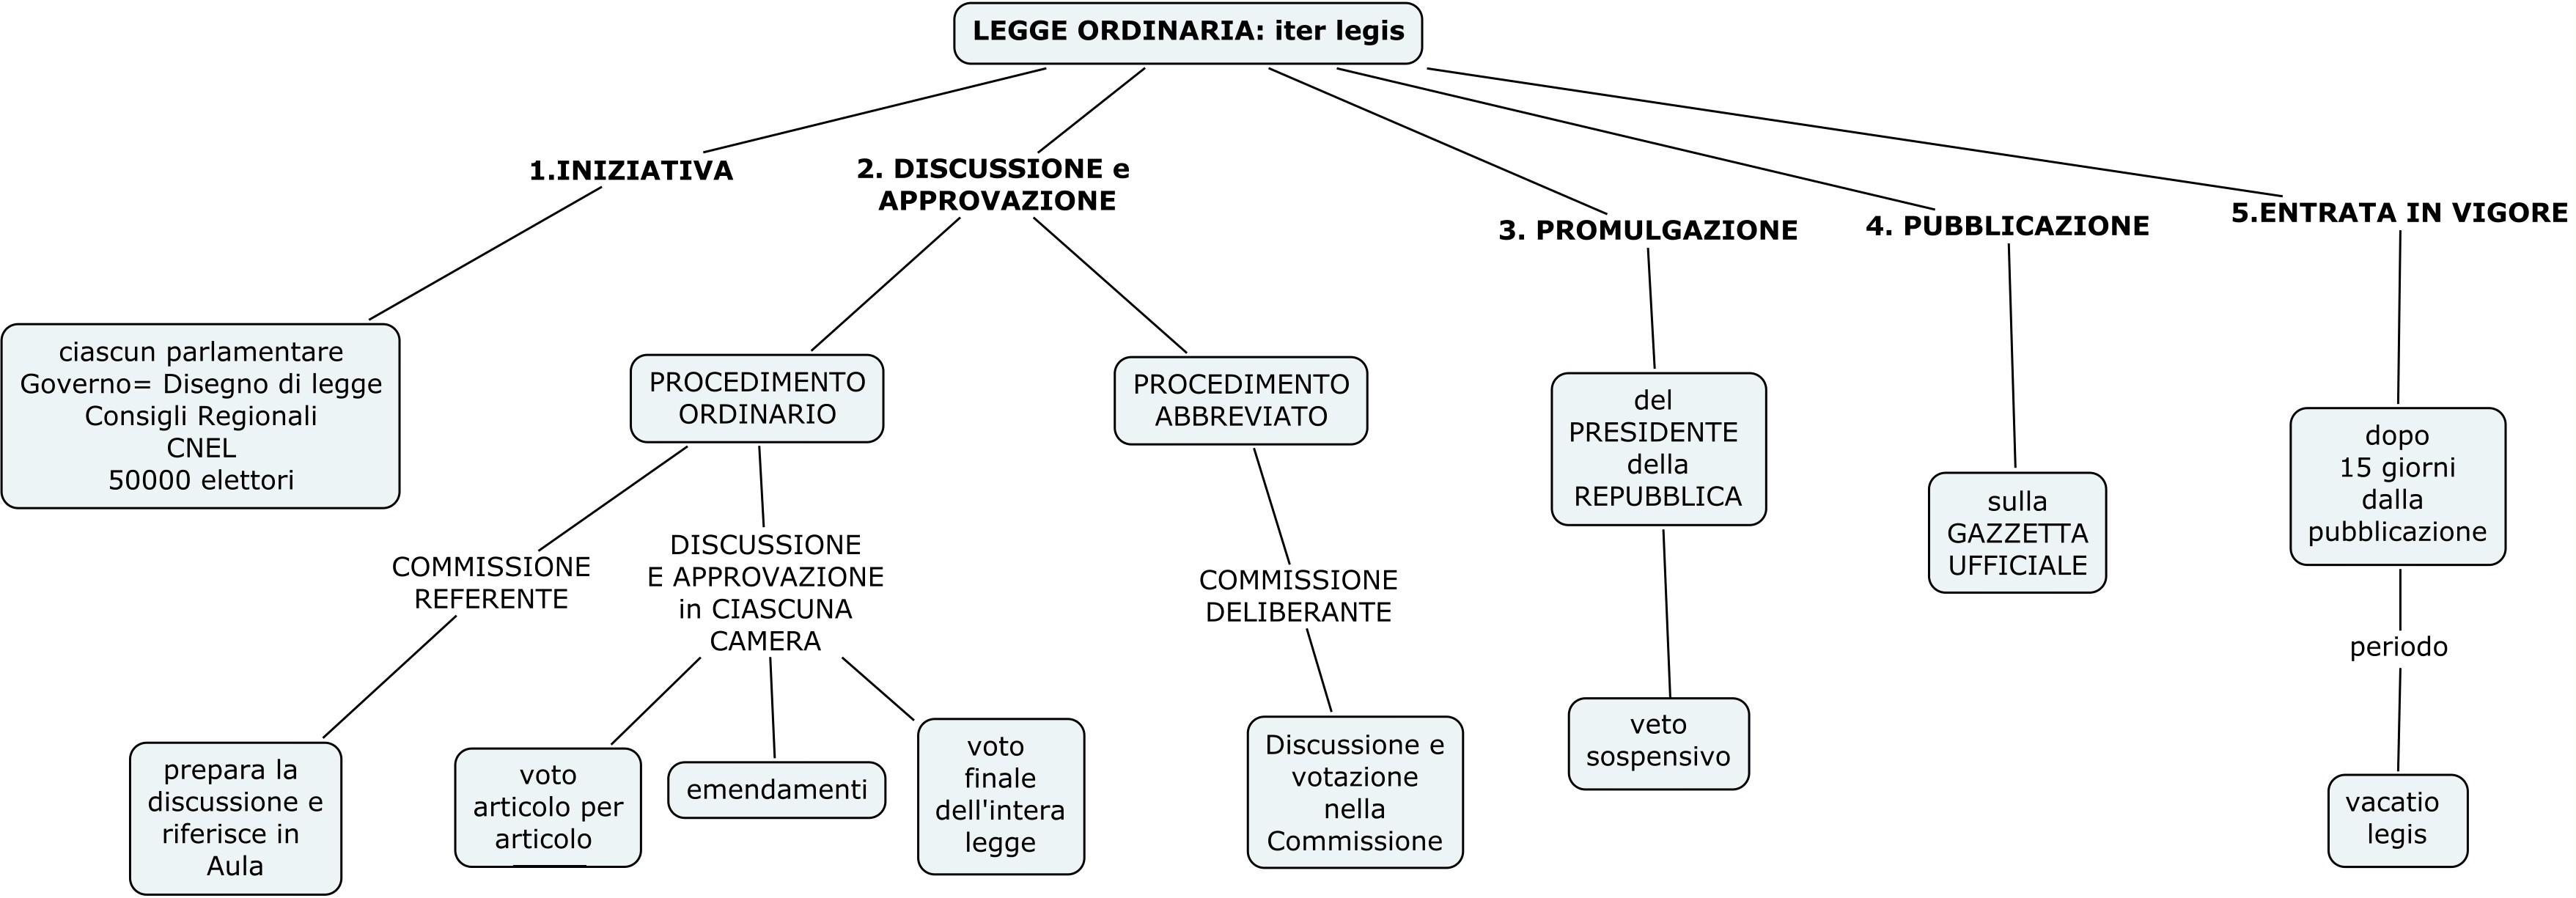 Classi seconde mappa su iter legis il blog della prof for Composizione senato italiano